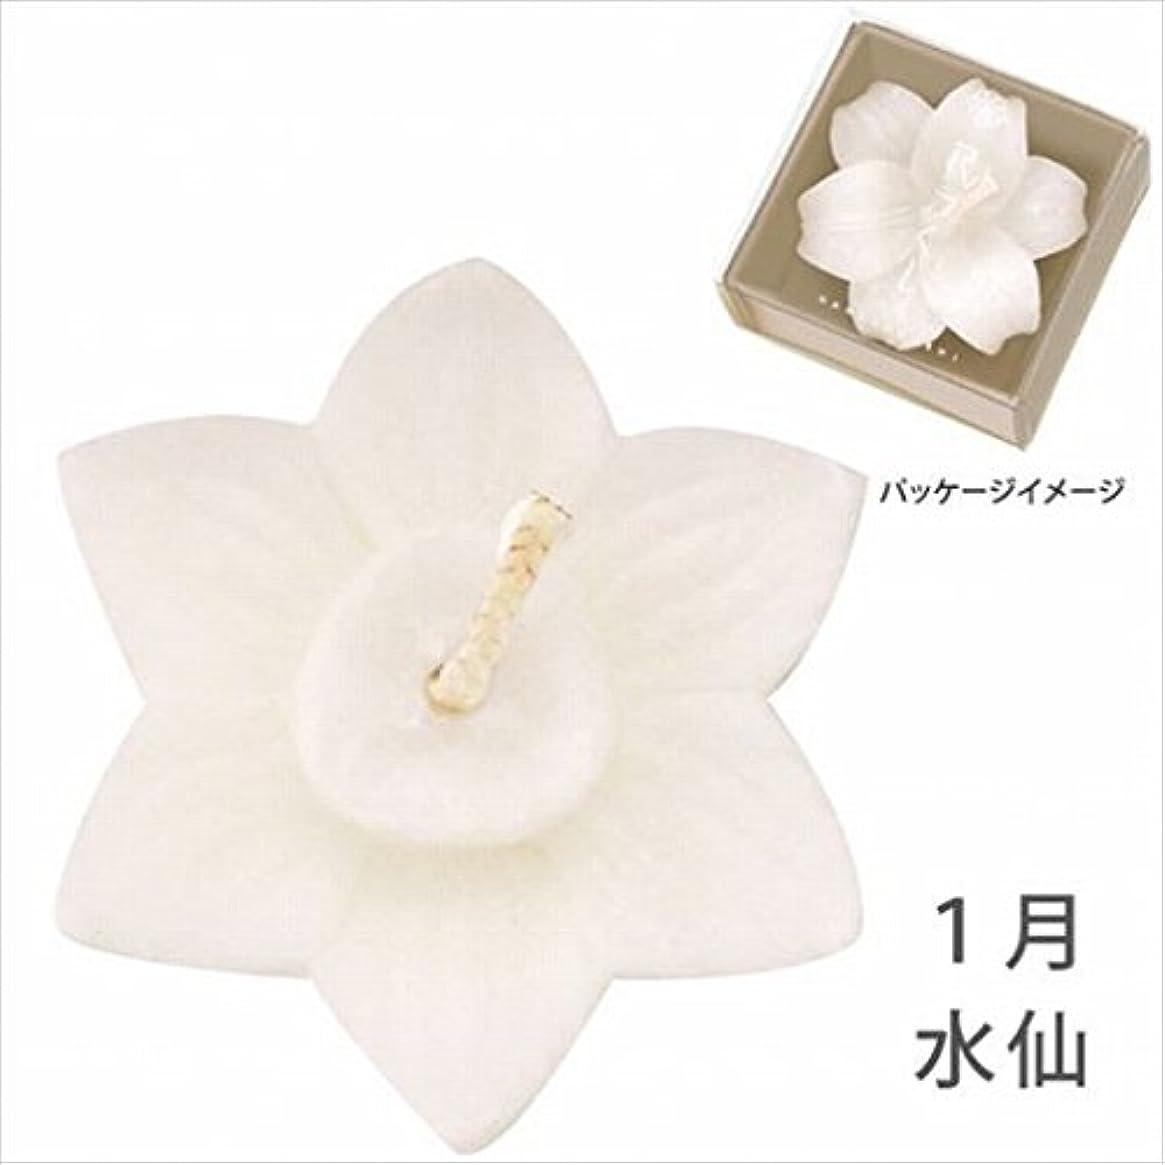 マネージャーデータムスタイルカメヤマキャンドル( kameyama candle ) 花づくし(植物性) 水仙 「 水仙(1月) 」 キャンドル